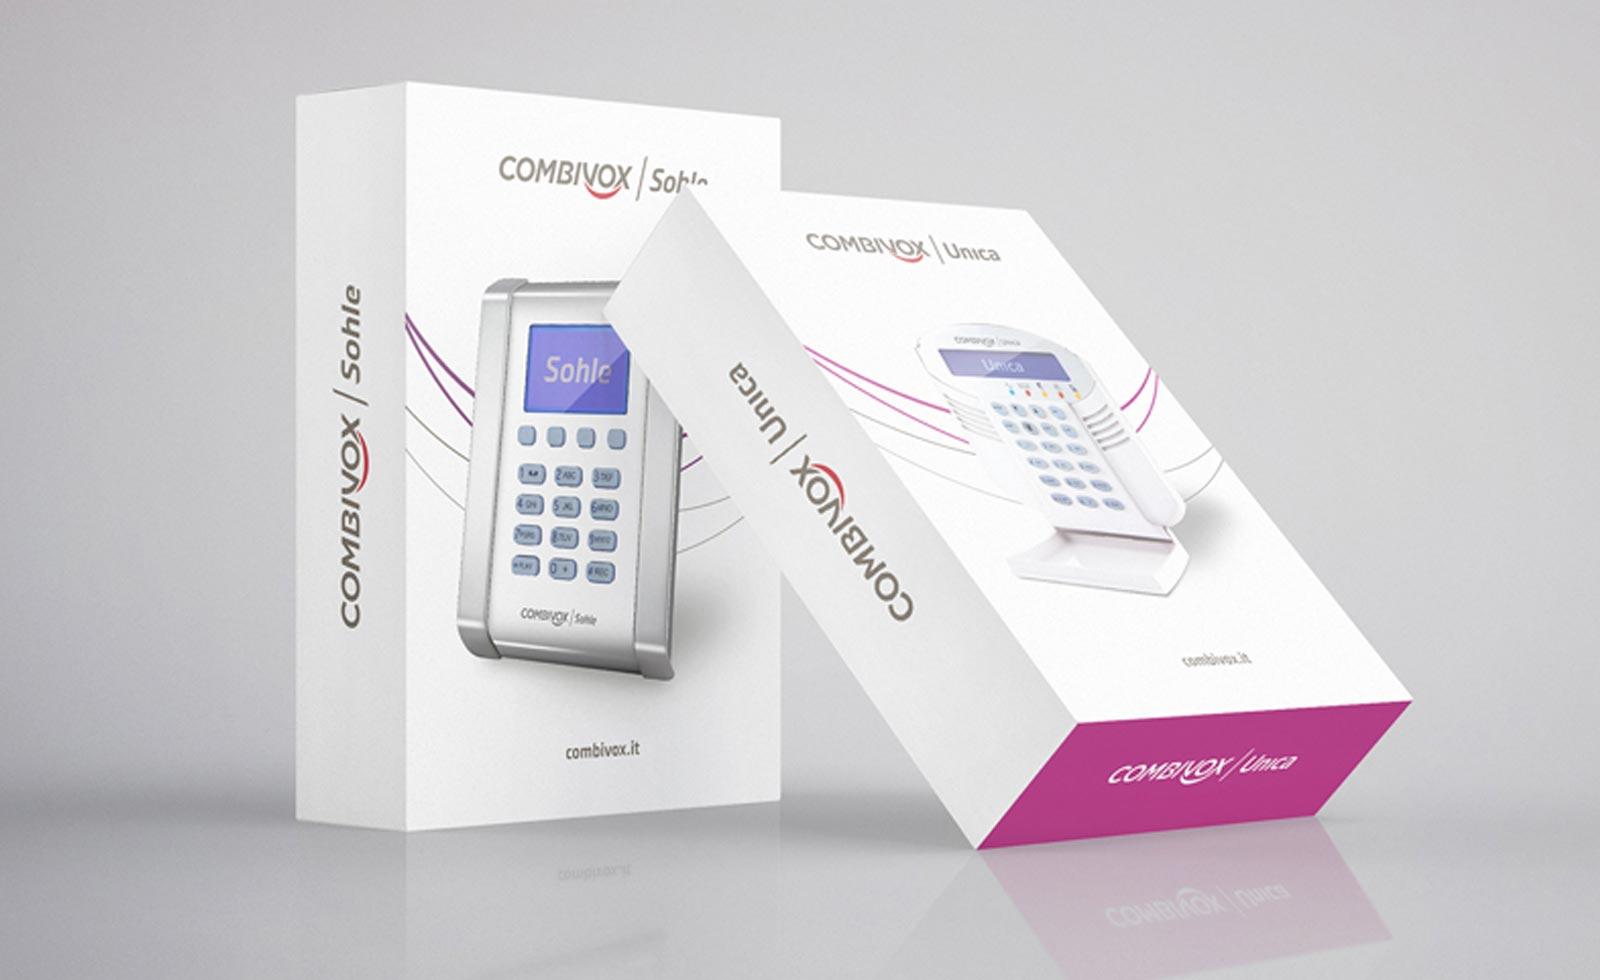 combivox brand packaging